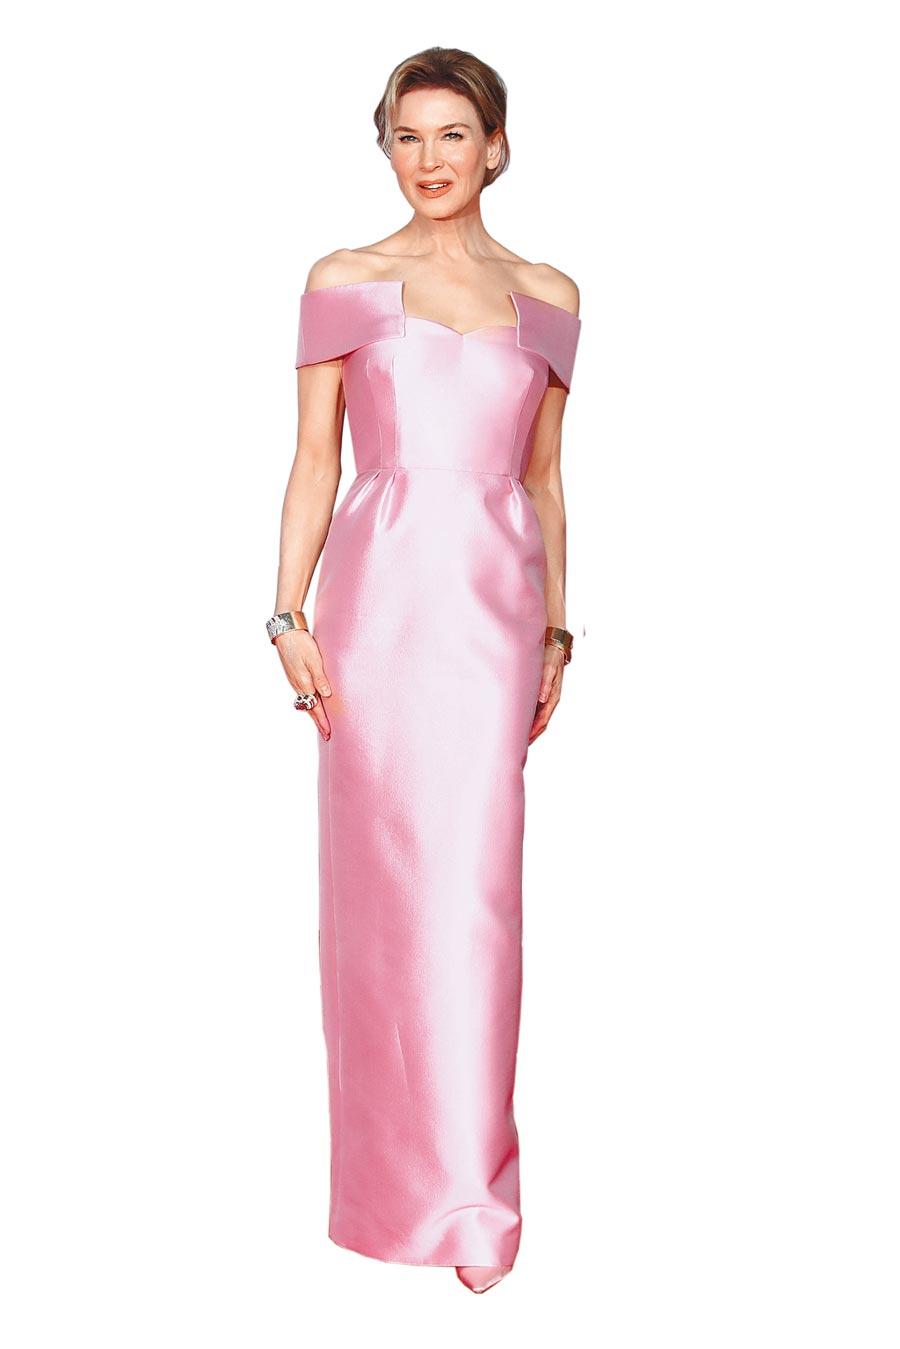 蕾妮齊薇格在BAFTA典禮穿粉色Prada禮服,緞面材質襯托高雅氣質。(CFP)